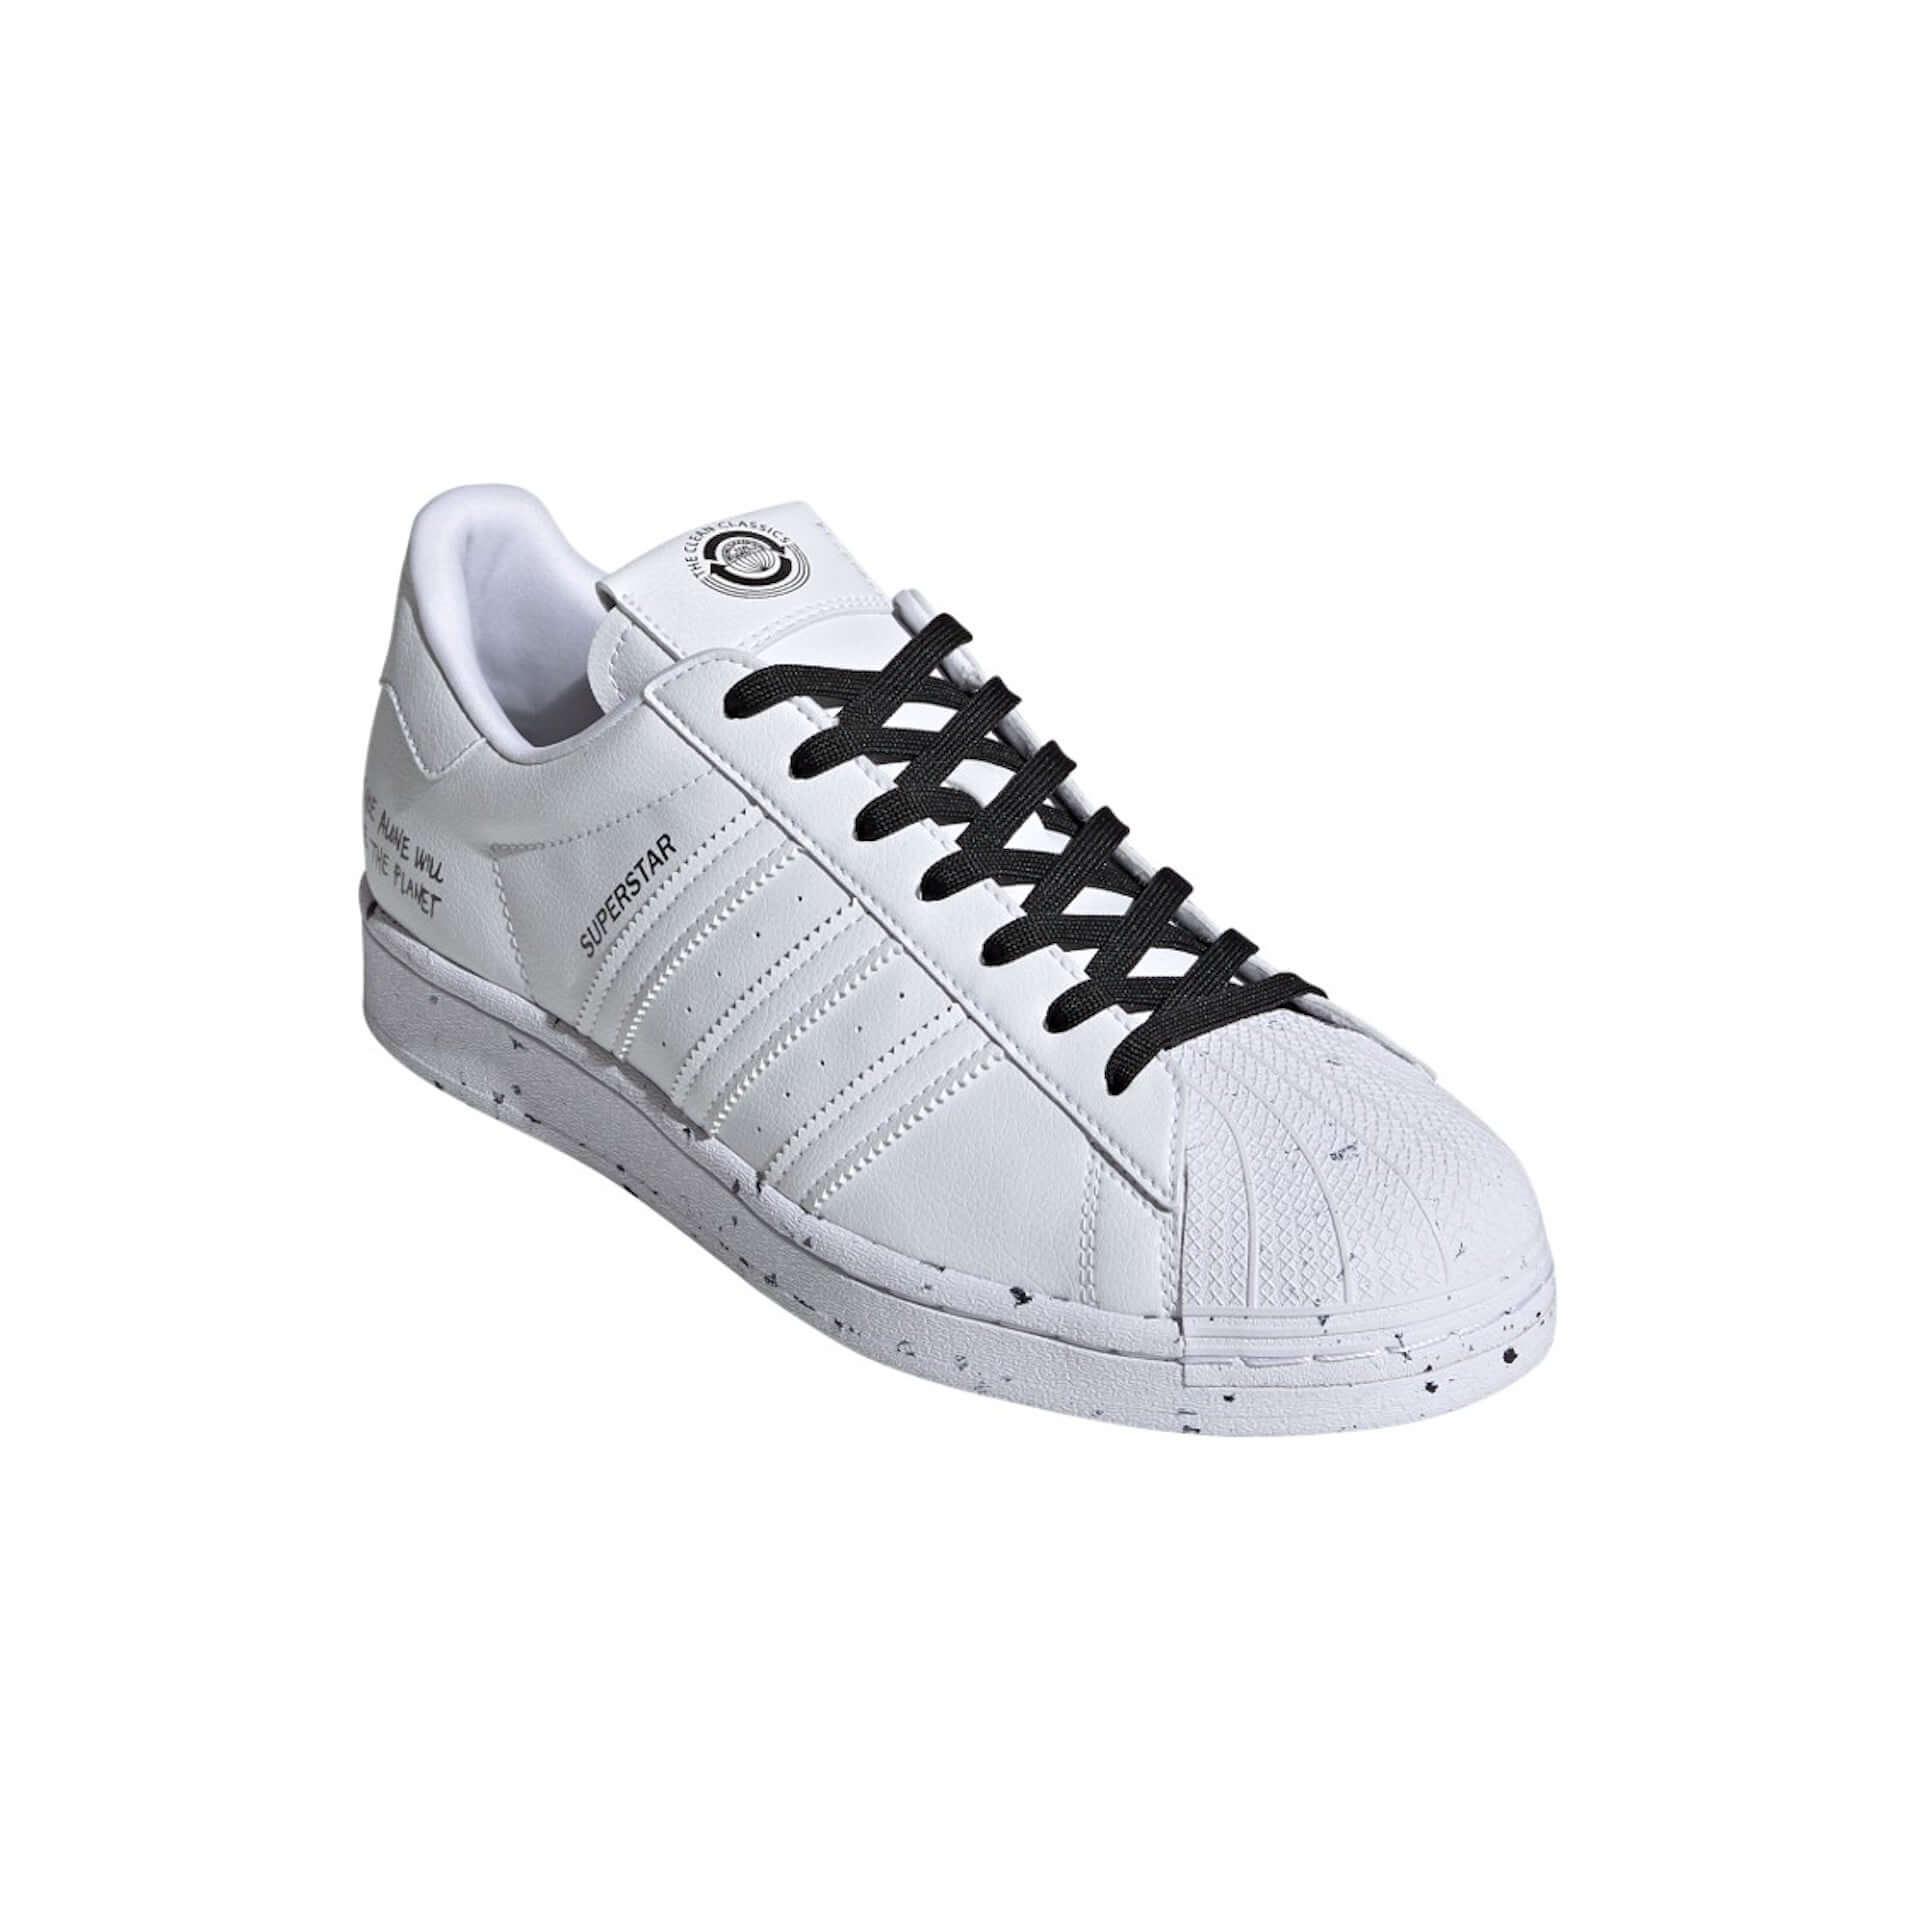 adidas Originalsがサステナブルなフットウェアコレクション「Clean Classics」を発売!名作「SUPERSTAR」「STAN SMITH」も登場 lf200804_adidas-cleanclassics_6-1920x1920